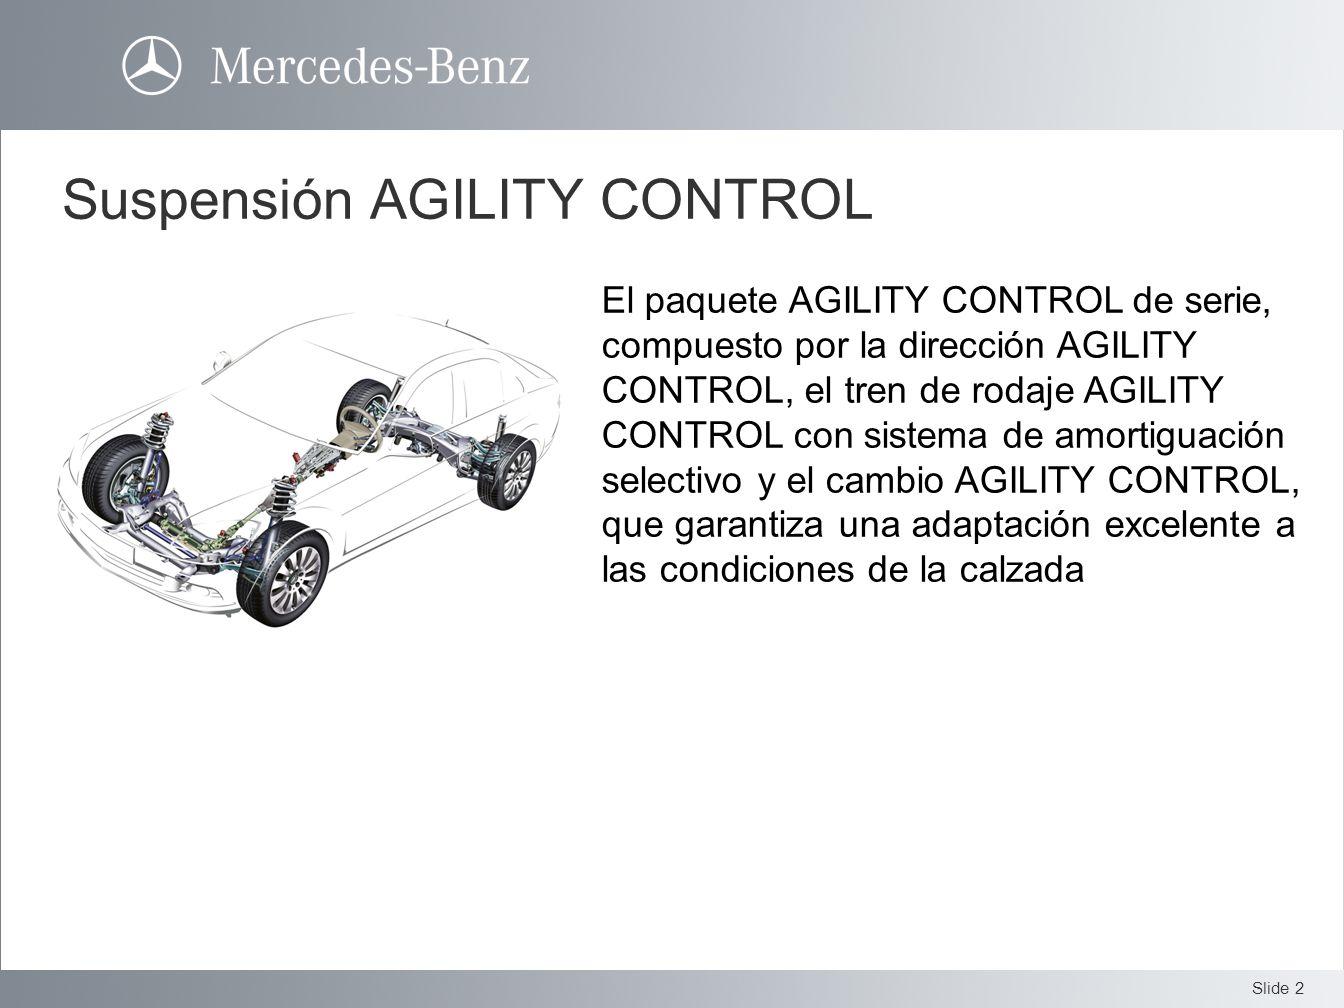 Slide 3 Suspensión DIRECT CONTROL El paquete AGILITY CONTROL de serie, compuesto por la dirección AGILITY CONTROL, el tren de rodaje AGILITY CONTROL con sistema de amortiguación selectivo y el cambio AGILITY CONTROL, que garantiza una adaptación excelente a las condiciones de la calzada